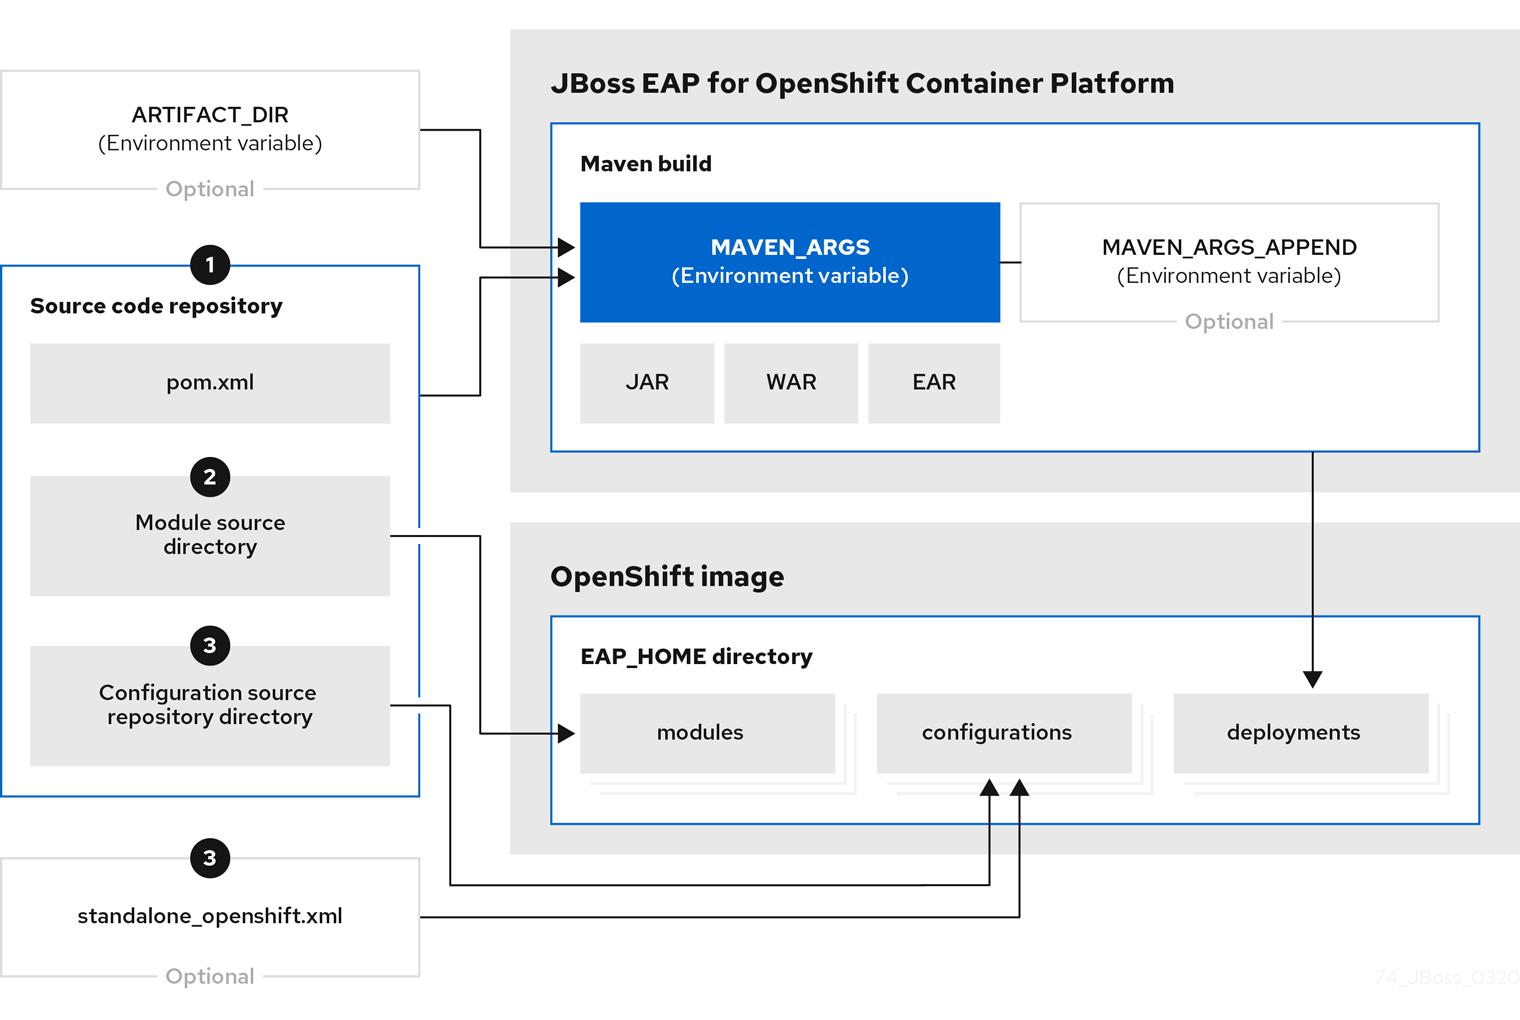 Flowchart illustrating the S2I process for JBoss EAP